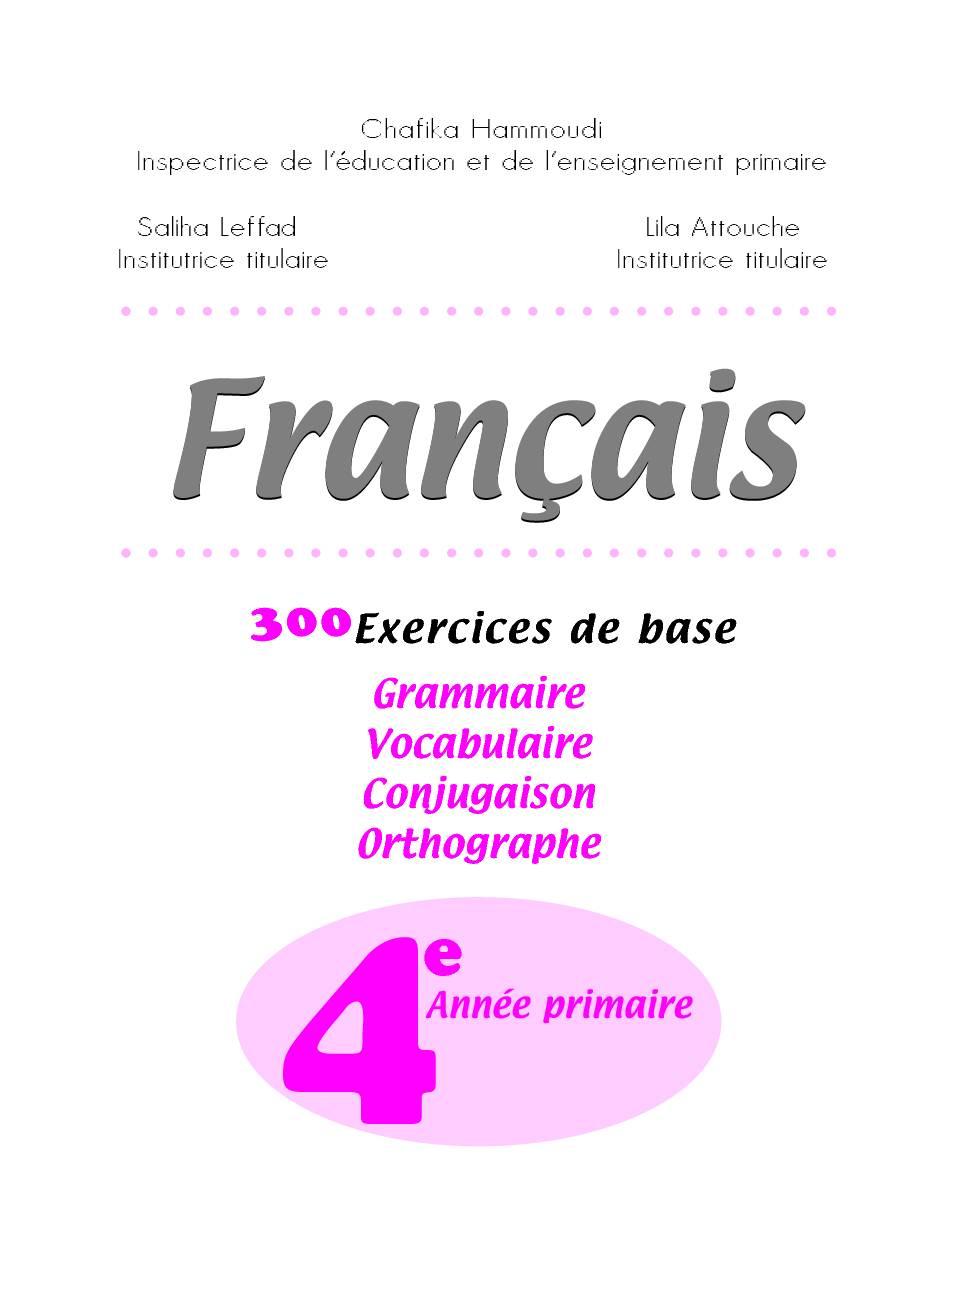 300 Exercices de Grammaire Vocabulaire Conjugaison Orthographe